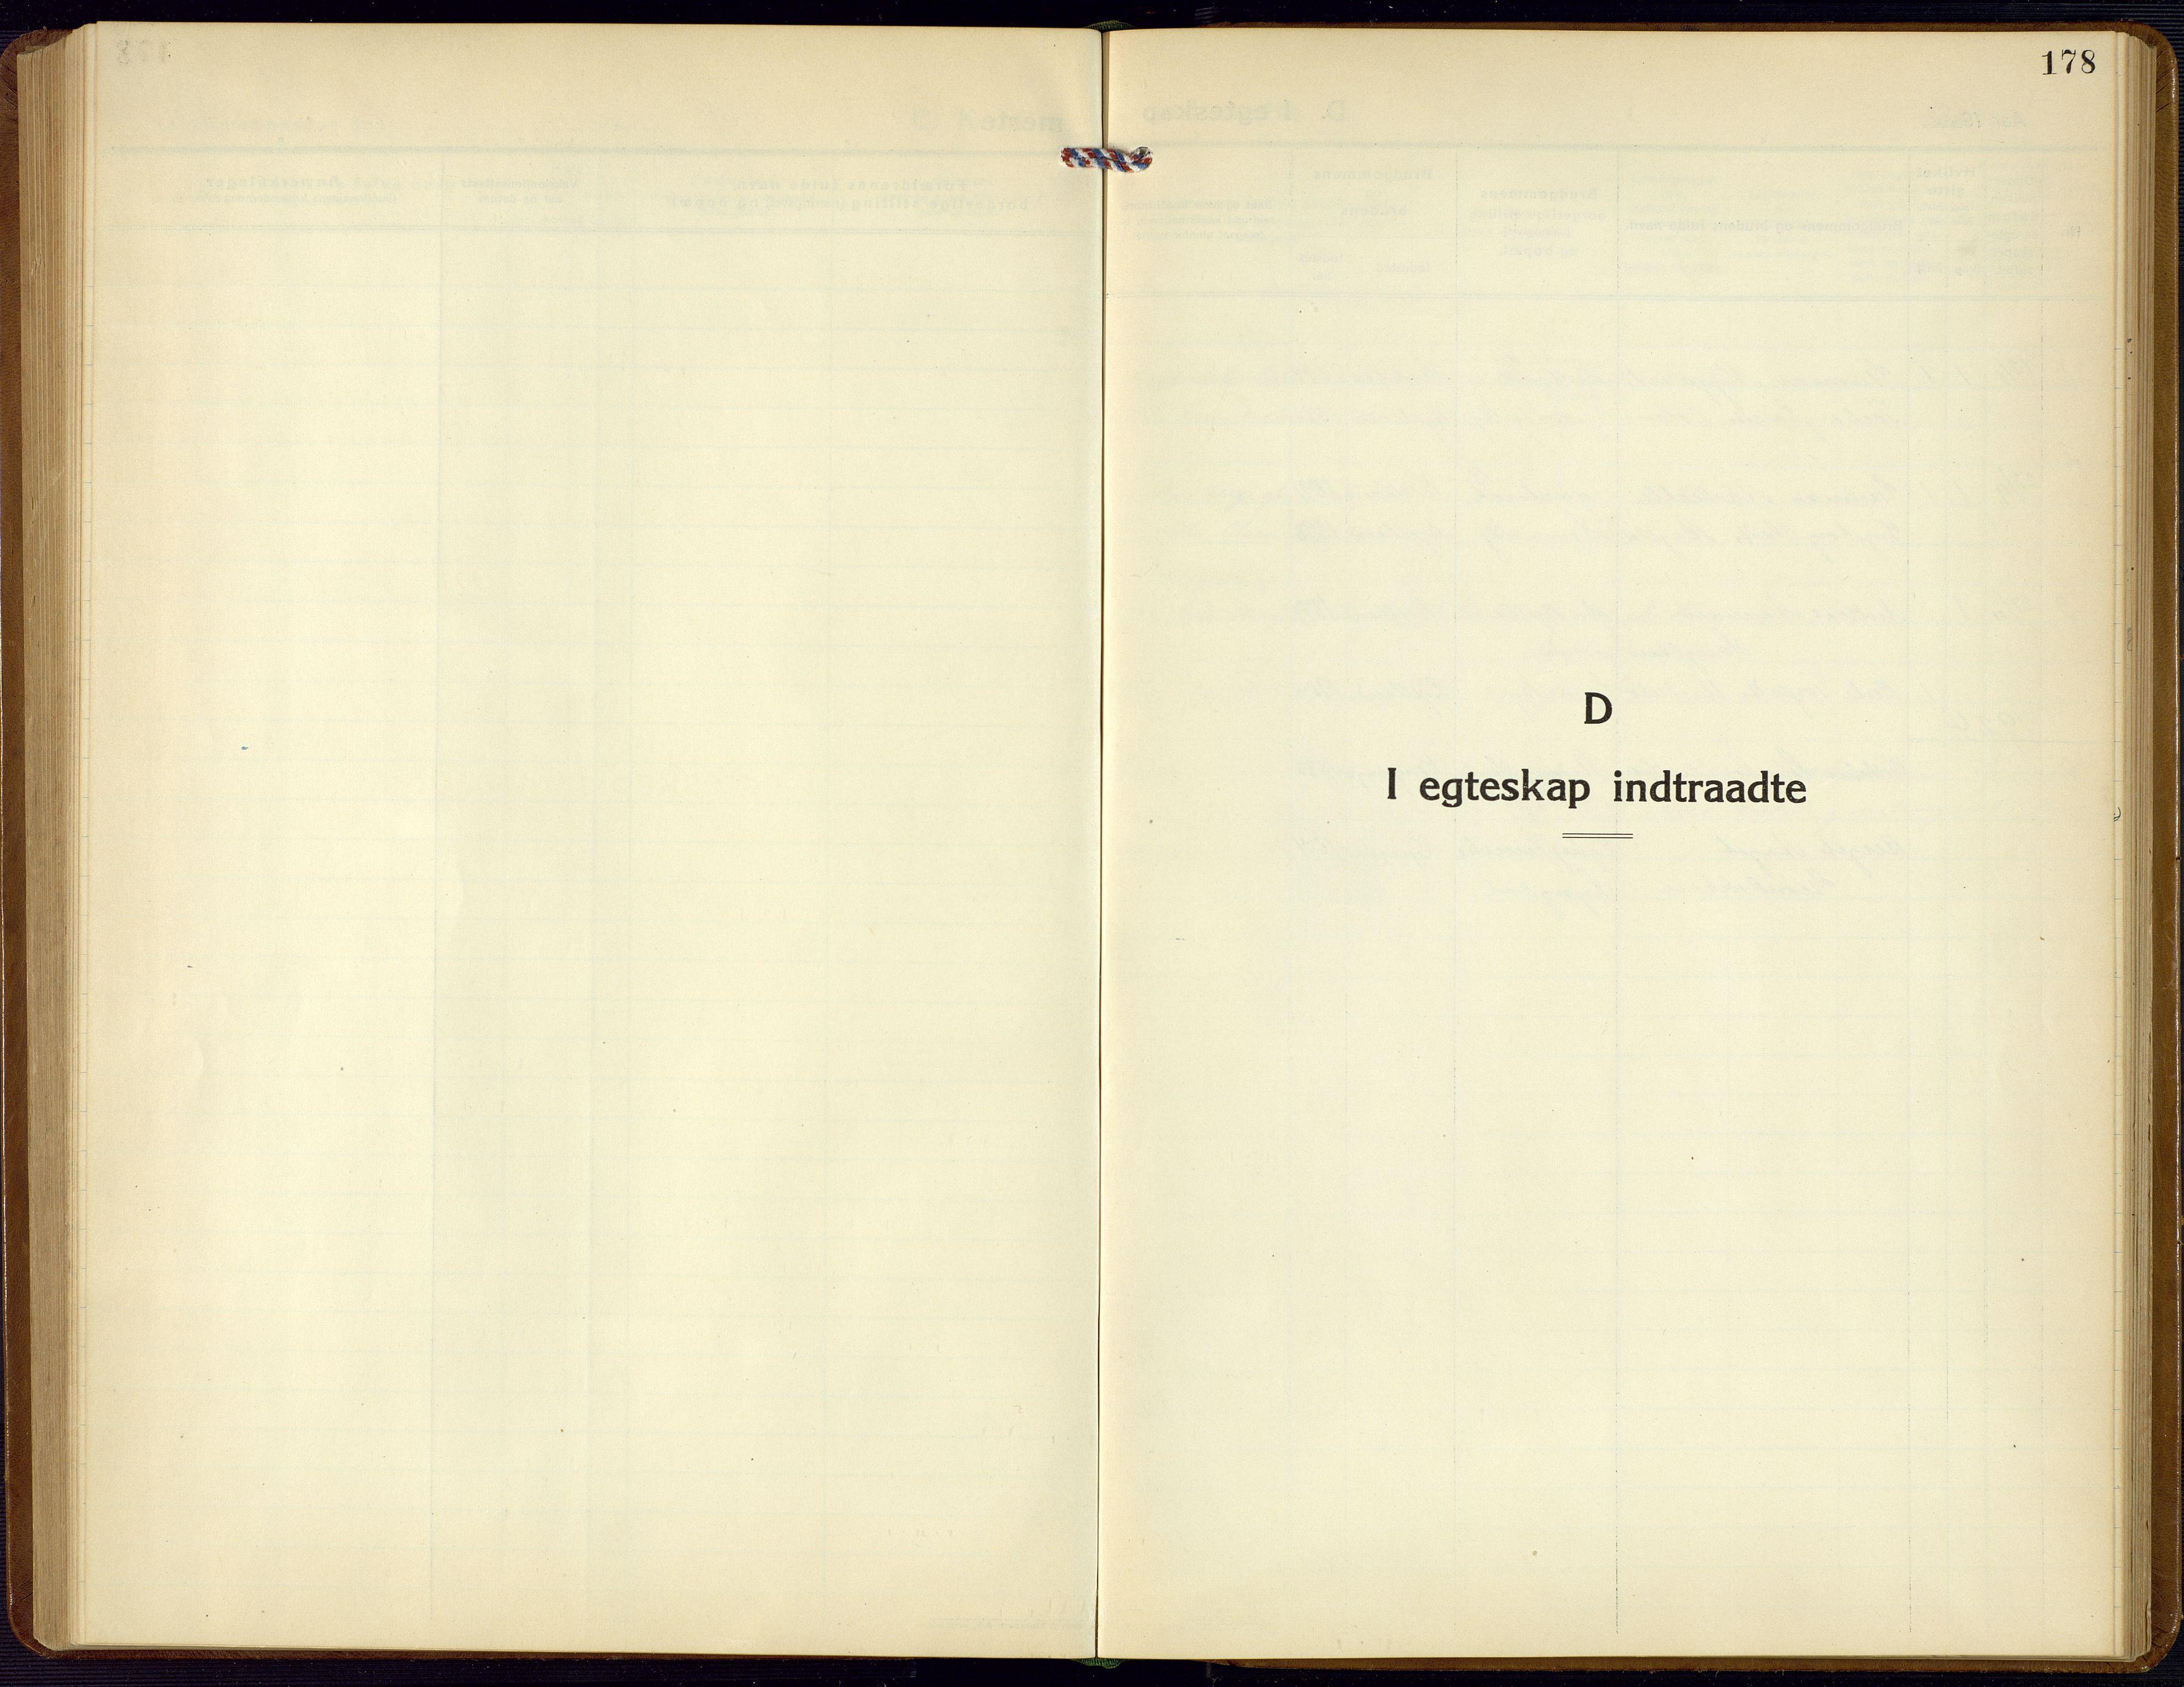 SAK, Bjelland sokneprestkontor, F/Fb/Fba/L0006: Klokkerbok nr. B 6, 1923-1956, s. 178